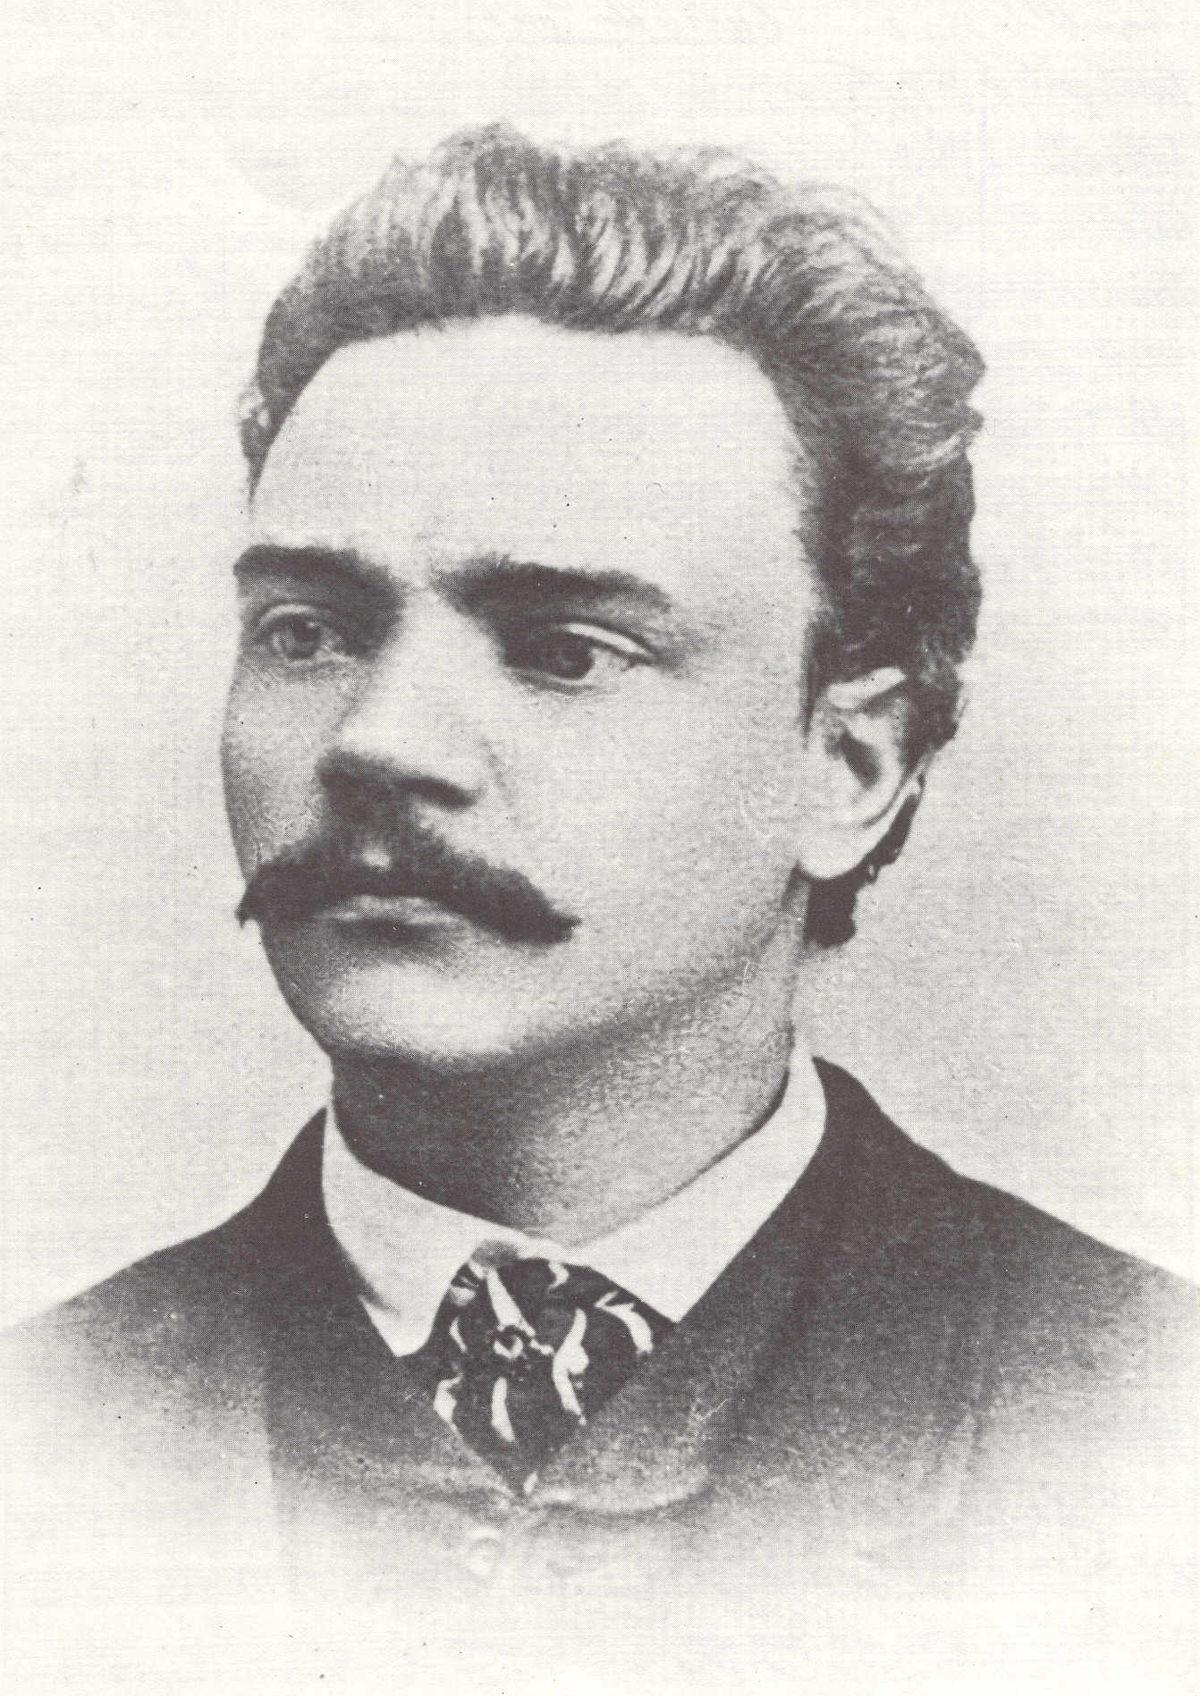 Antonín Dvořák Dvorak - Walter Klien - Slavonic Dances Op. 46 And Op. 72 For Piano Four Hands